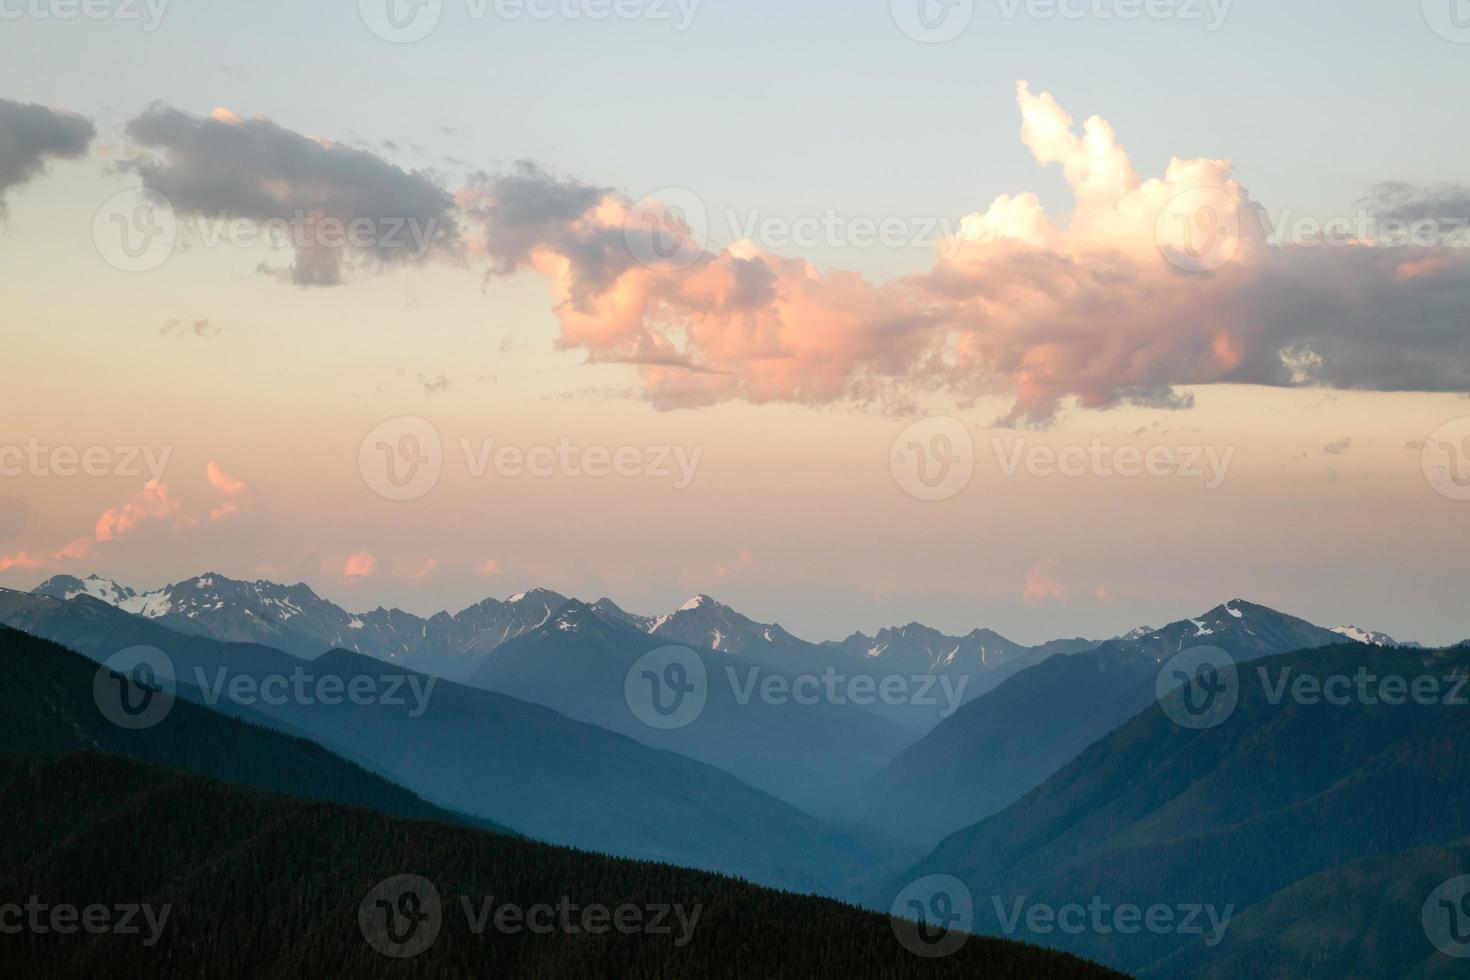 ciel dramatique cloudscape sur ouragan crête montagnes olympiques photo